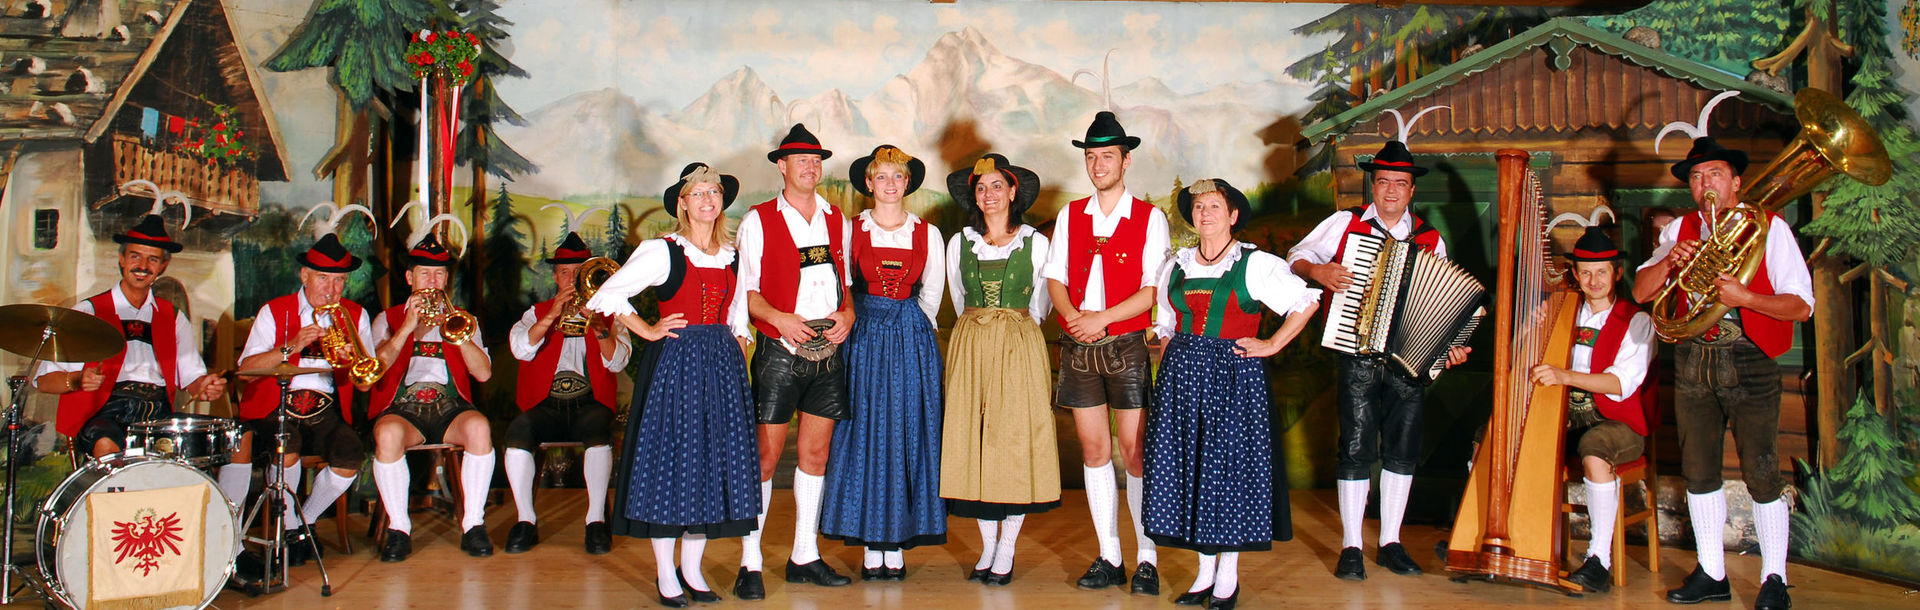 Tiroler Alpenbühne Geschwister Gundolf